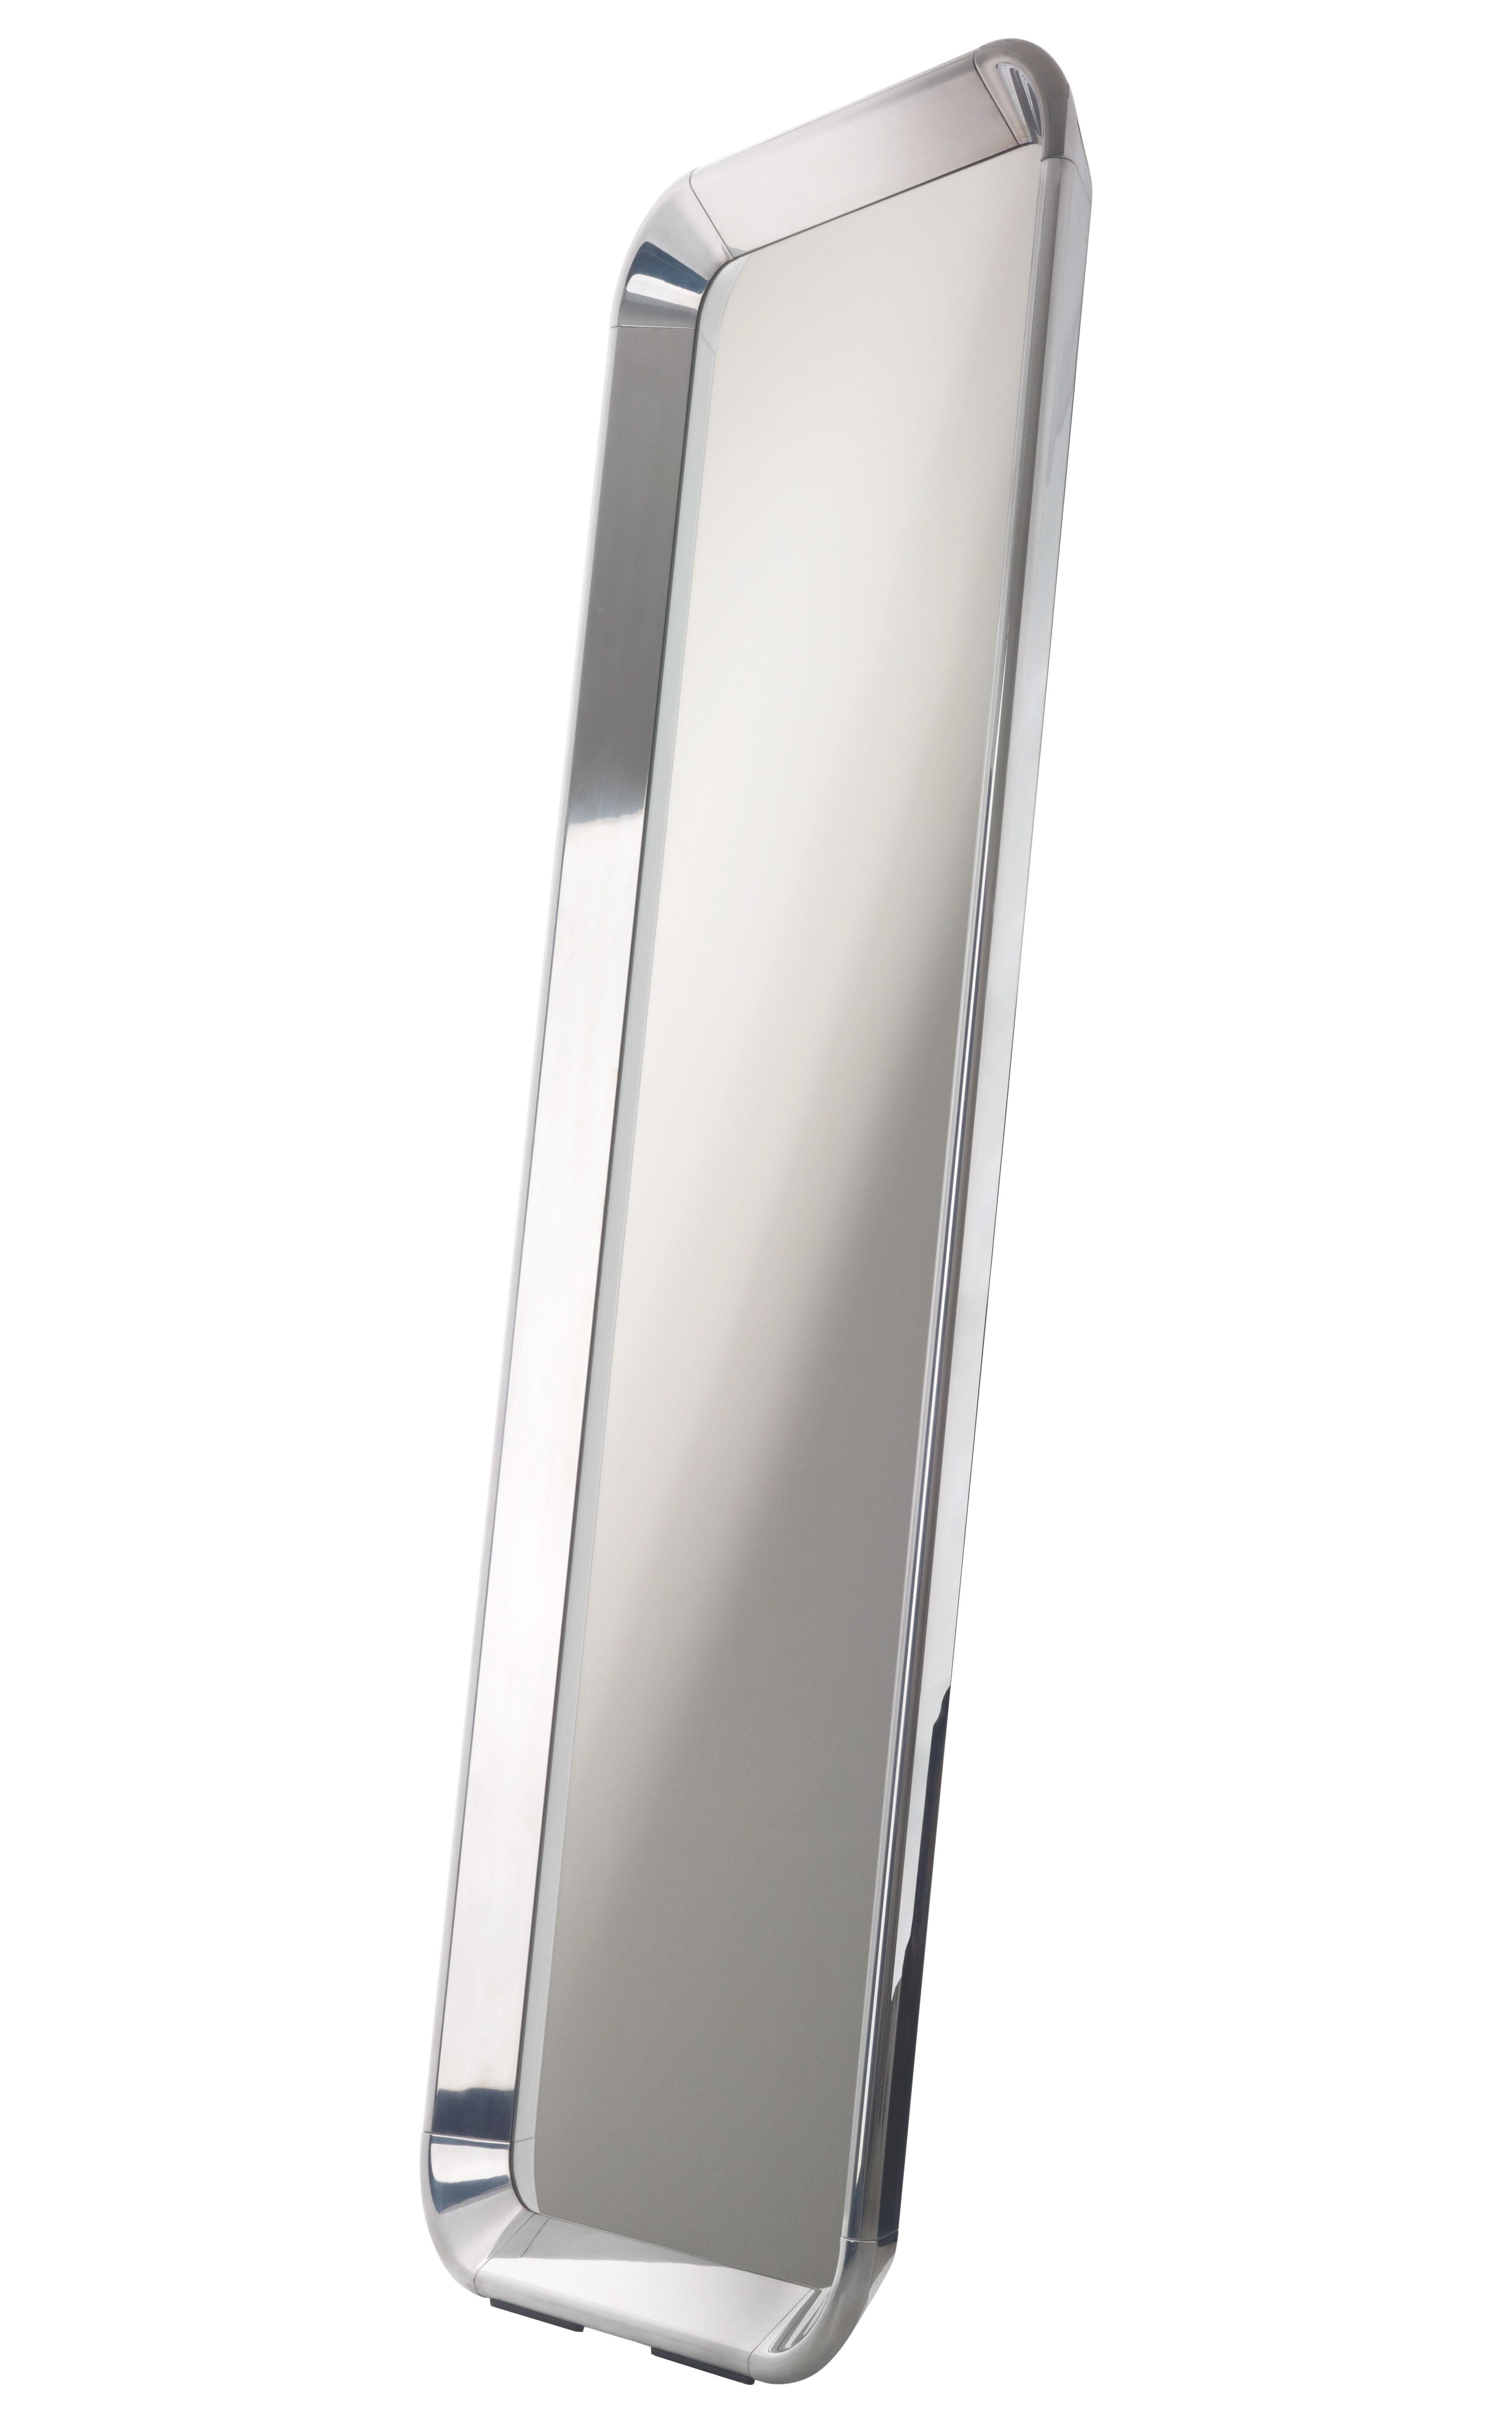 Furniture - Mirrors - Déjà-vu Mirror - L 190 x W 73 cm by Magis - Aluminium - L 190 x W 73 cm - Polished aluminium